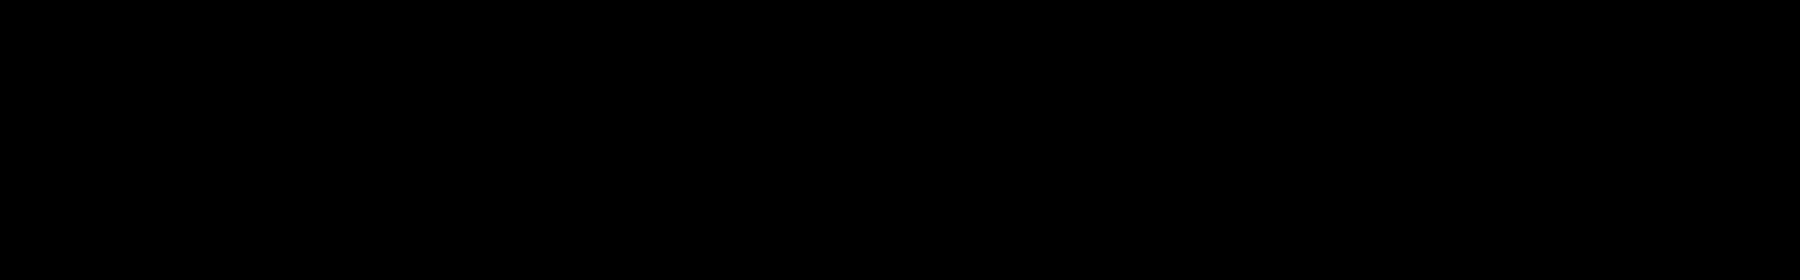 Hypnotize TECHNO audio waveform